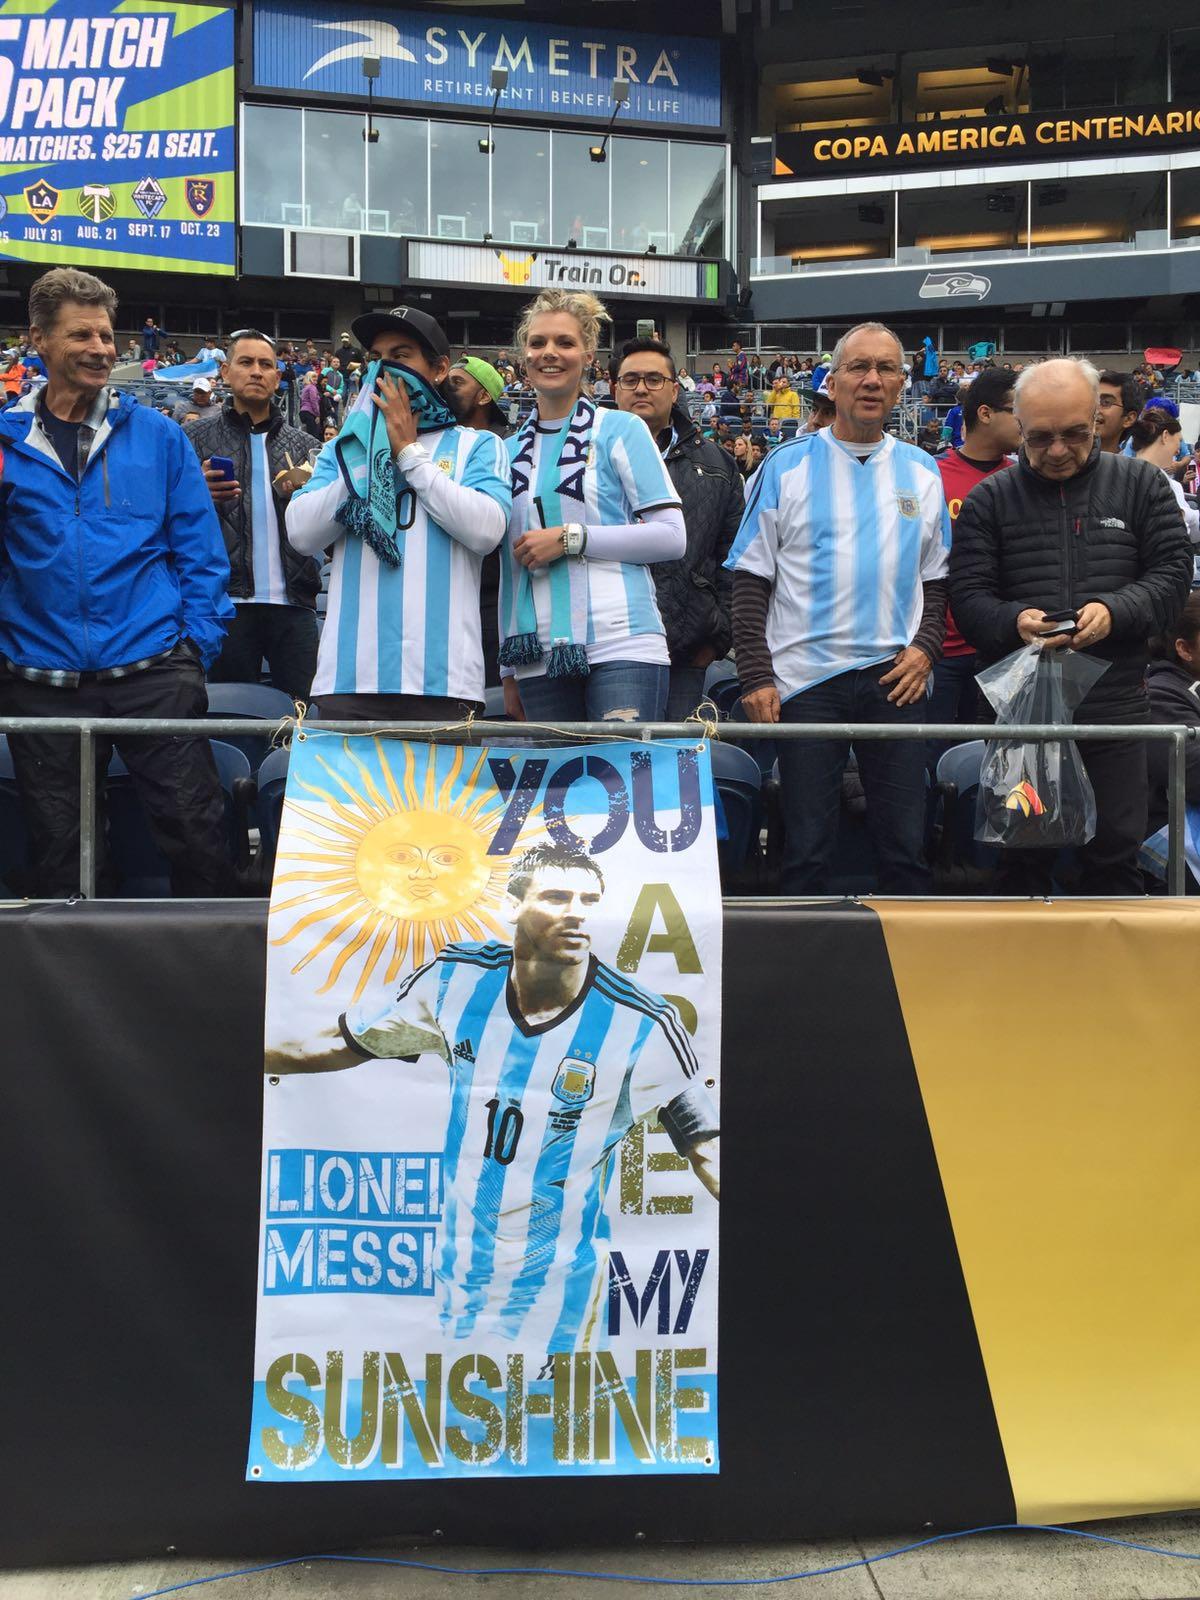 #CopaAmerica ¡Gracias a nuestros fans en esta @CA2016! ¡Vamos @Argentina! https://t.co/b5Z148CLWl